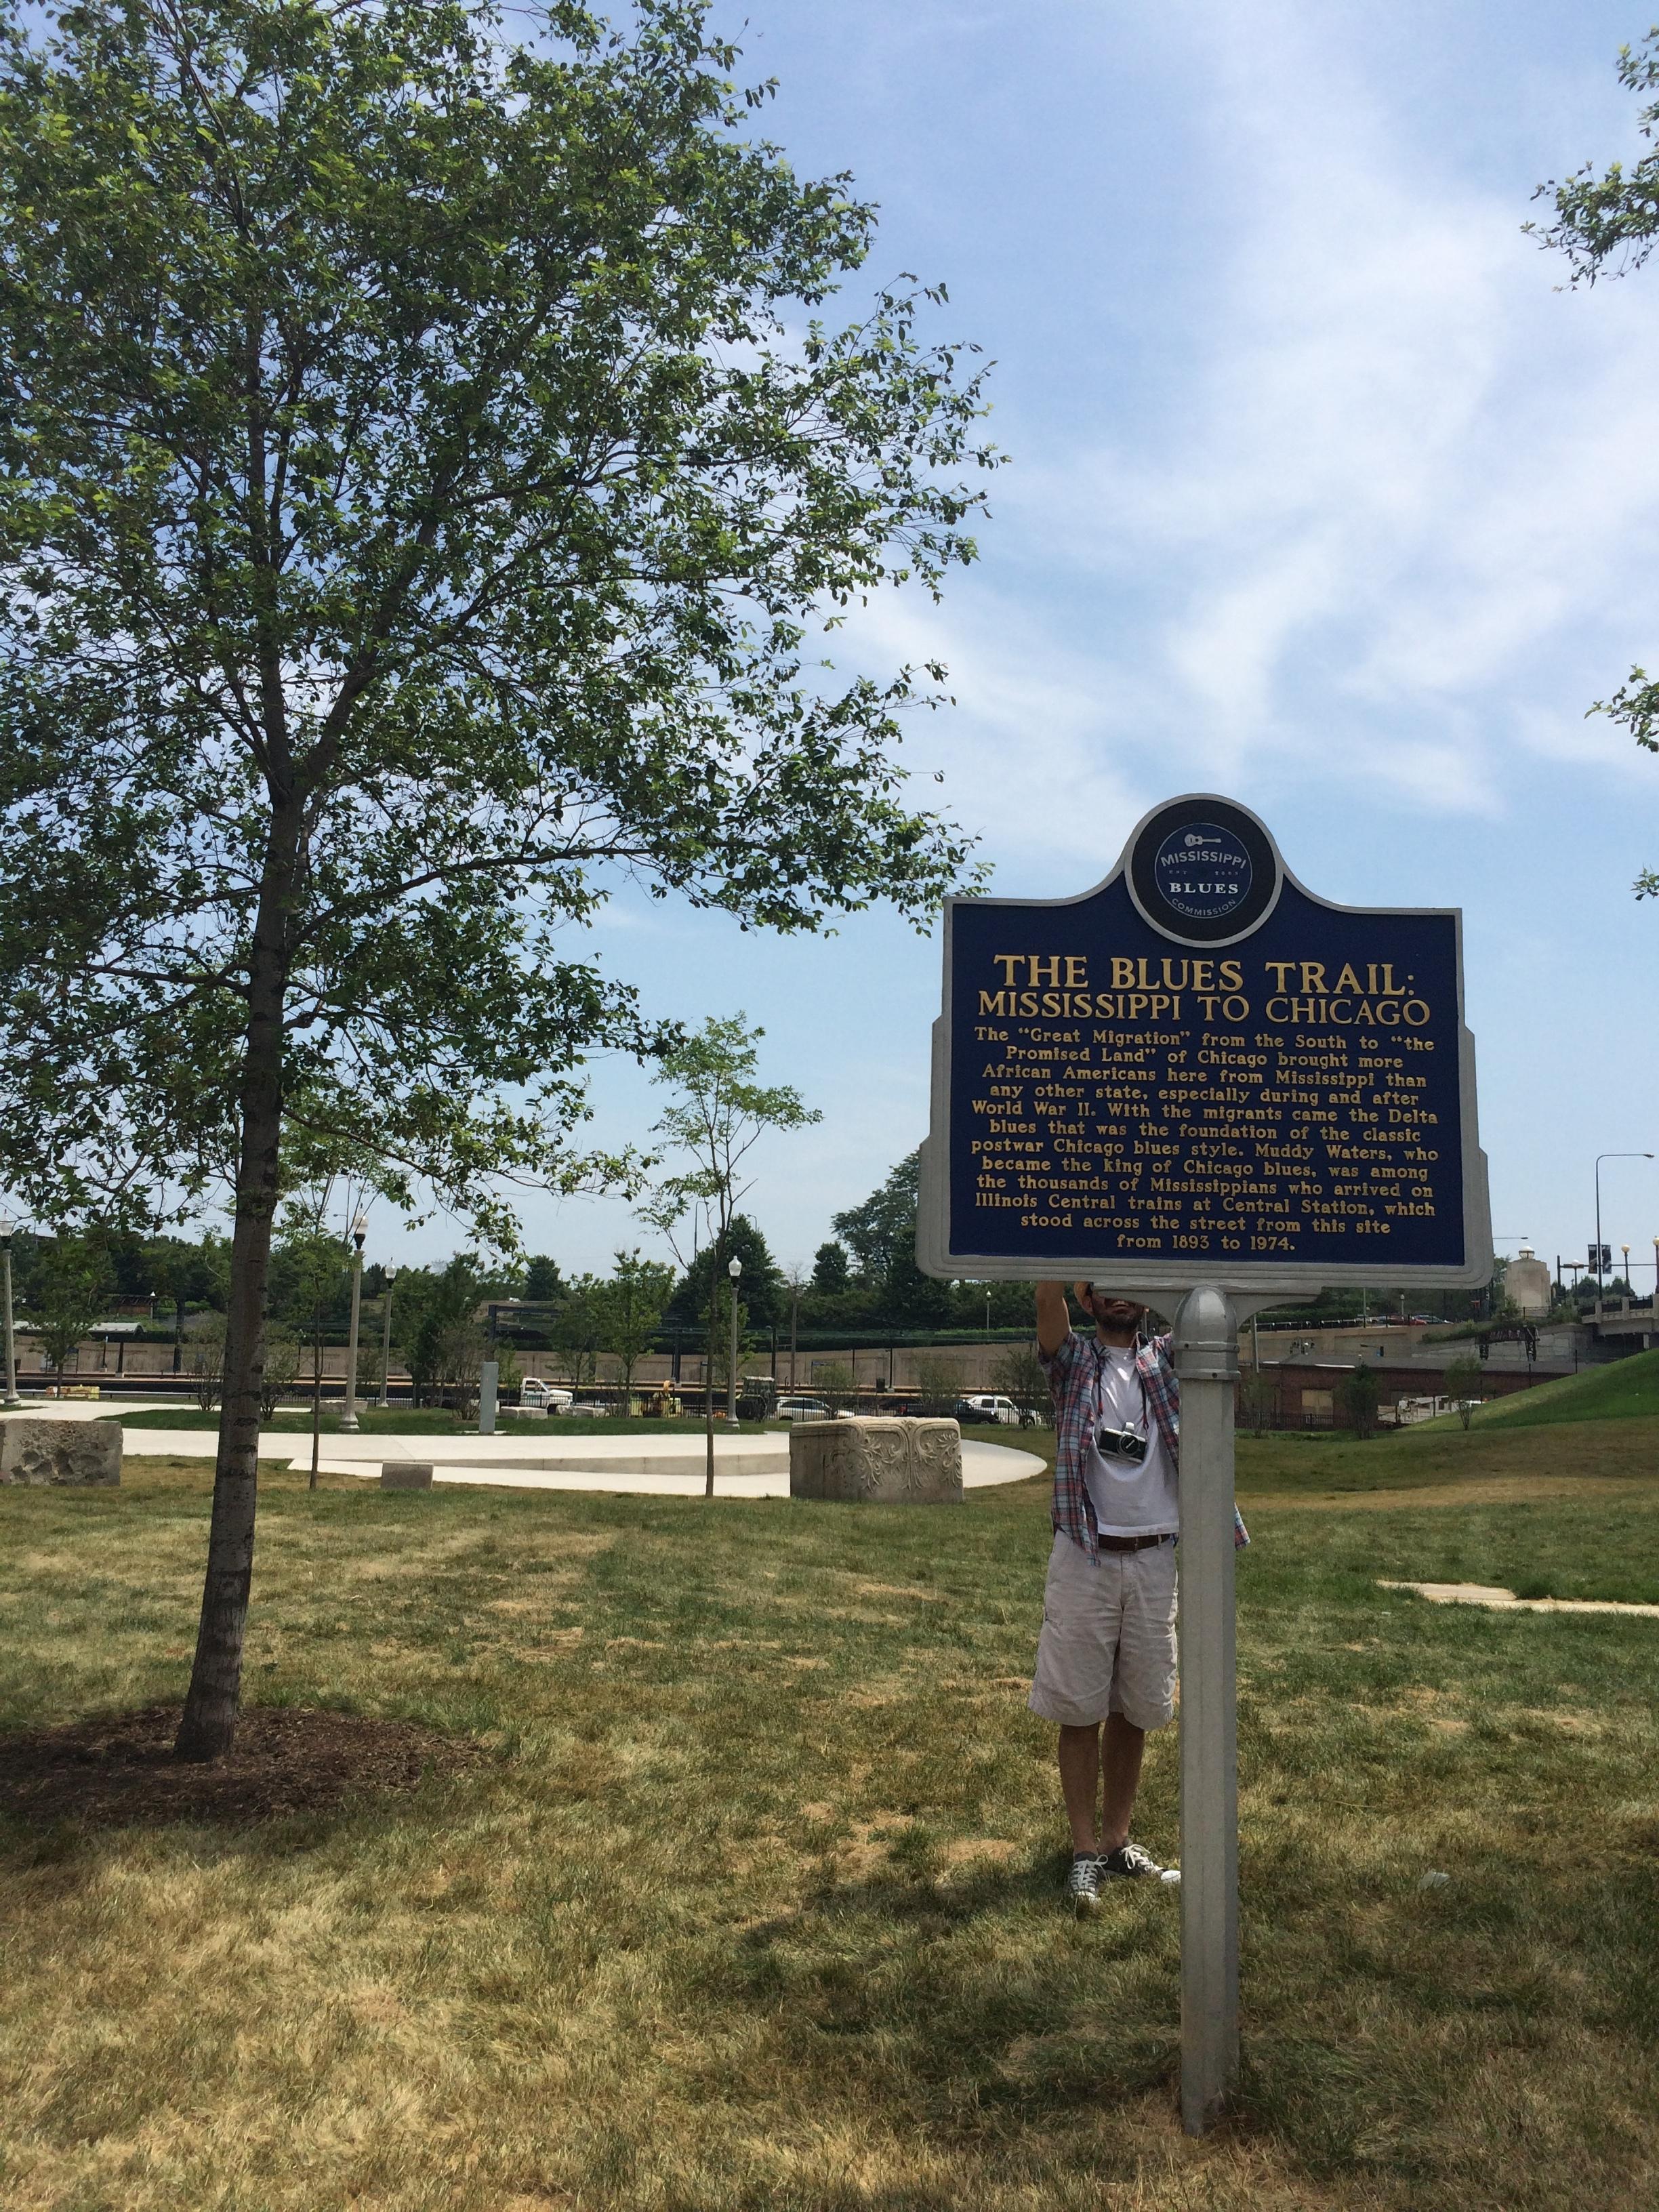 Blues Trail Mark . Há uma trilha inteira marcada com placas como esta, espalhada por vários estados americanos. Fãs de Blues podem fazer uma viagem tomando-as como base. Visitamos algumas ao longo desta viagem. Muito legal!